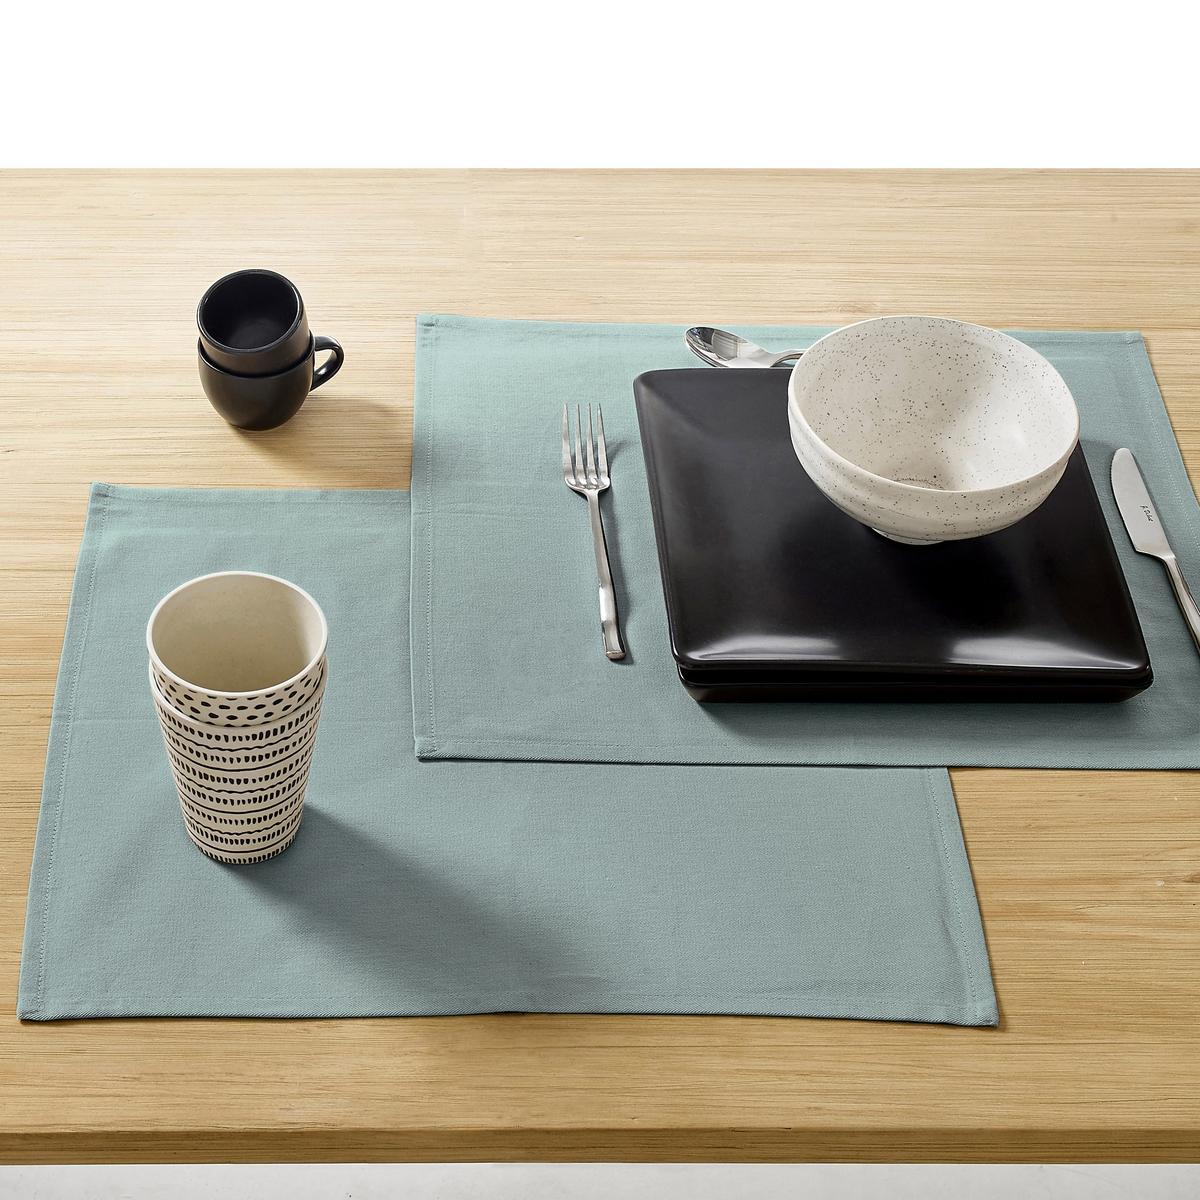 Комплект из 4 салфеток под столовый прибор, с обработкой против пятенКомплект из 4 салфеток из чистого хлопка под столовый прибор SCENARIO для особого стиля на столе.Описание 4 салфеток под столовый прибор SCENARIO :Комплект из 4 салфеток под столовый прибор, с водооталкивающей обработкой  против пятен.   Размеры 4 салфеток на стол SCENARIO :Прямоугольная форма  35 x 45 cмУход: :Машинная стирка при 40 °CПродаются комплектом из 4 штЗнак Oeko-Tex® гарантирует отсутствие вредных для здоровья человека веществ в протестированных и сертифицированных изделиях.Чистый хлопок упрощает уходВсю коллекцию SCENARIO можно найти на la redoute.fr<br><br>Цвет: белый,бордовый,красный,розовая пудра,светло-серый,серо-бежевый,серо-коричневый каштан,Серо-синий,серый,сине-зеленый,сливовый,терракота<br>Размер: единый размер.единый размер